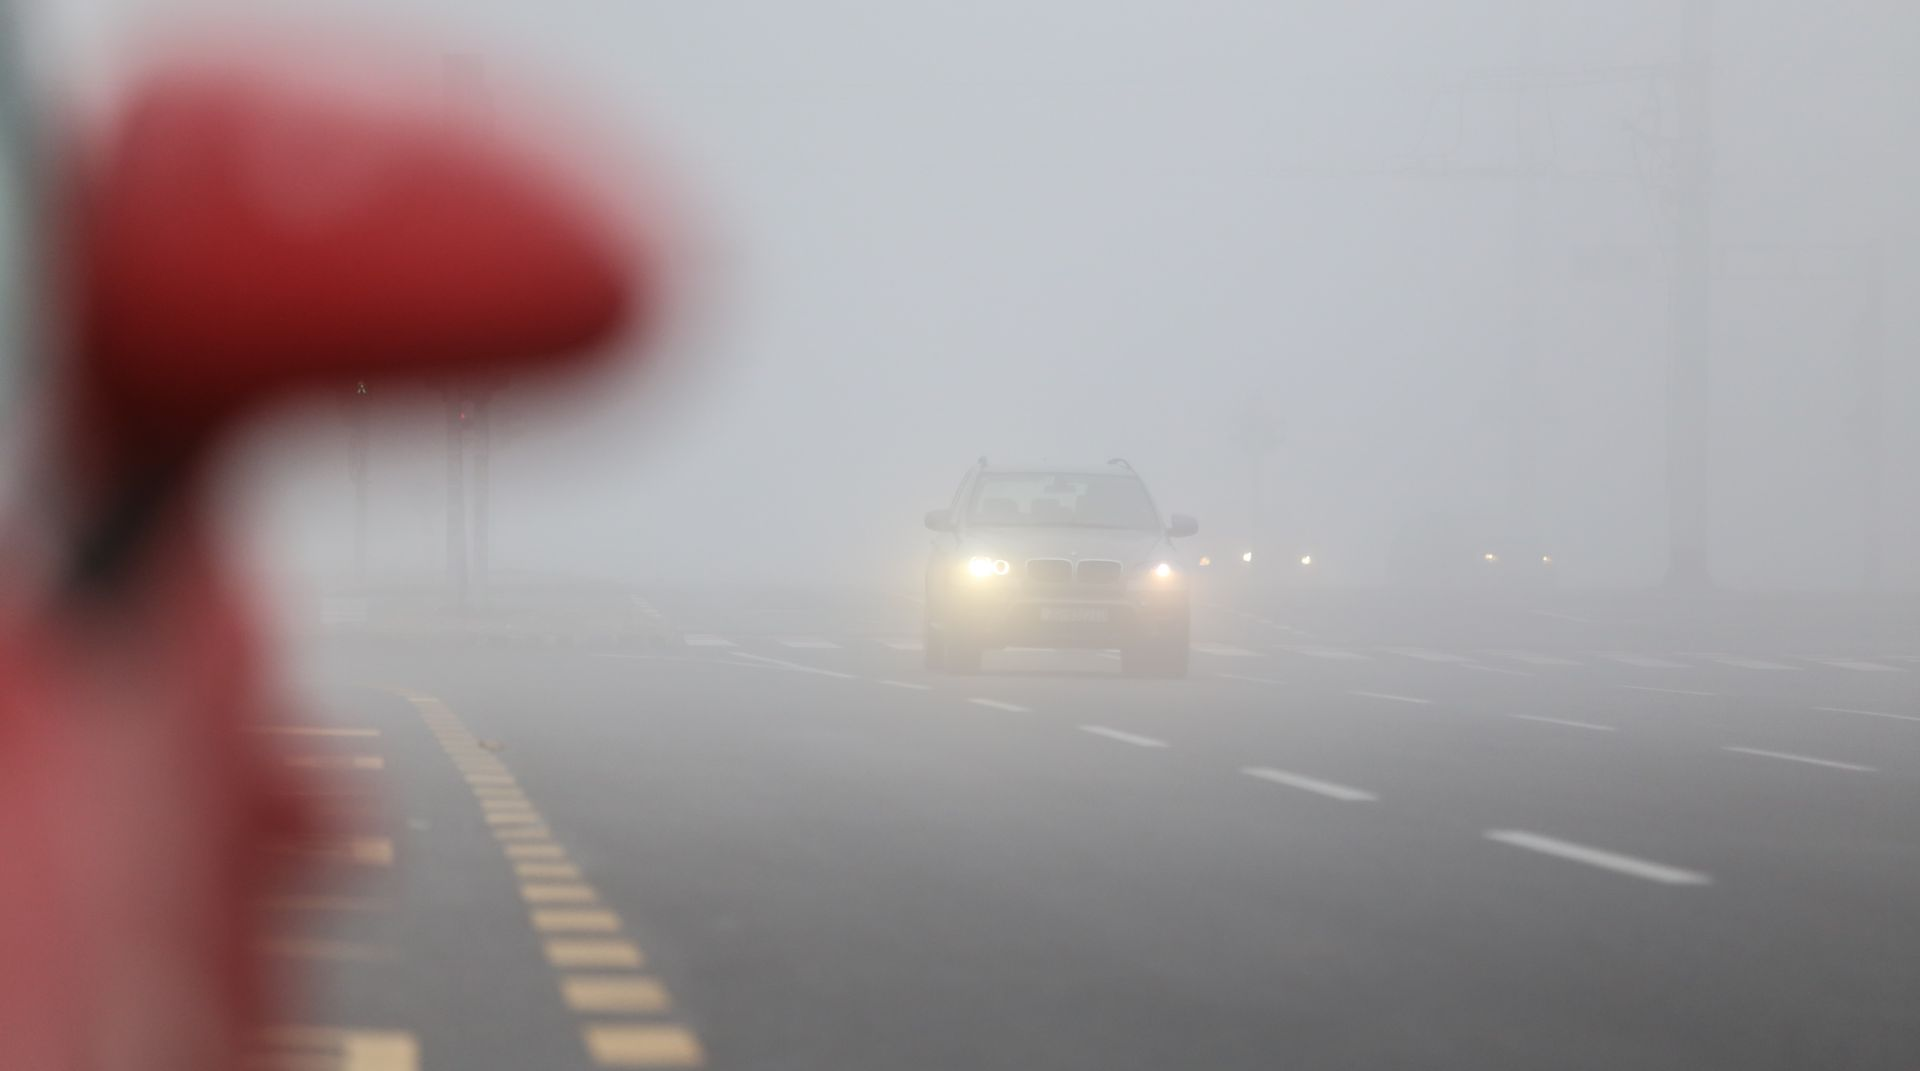 HAK Kolnici mokri i skliski, magla smanjuje vidljivost, jak vjetar na A1 i A6